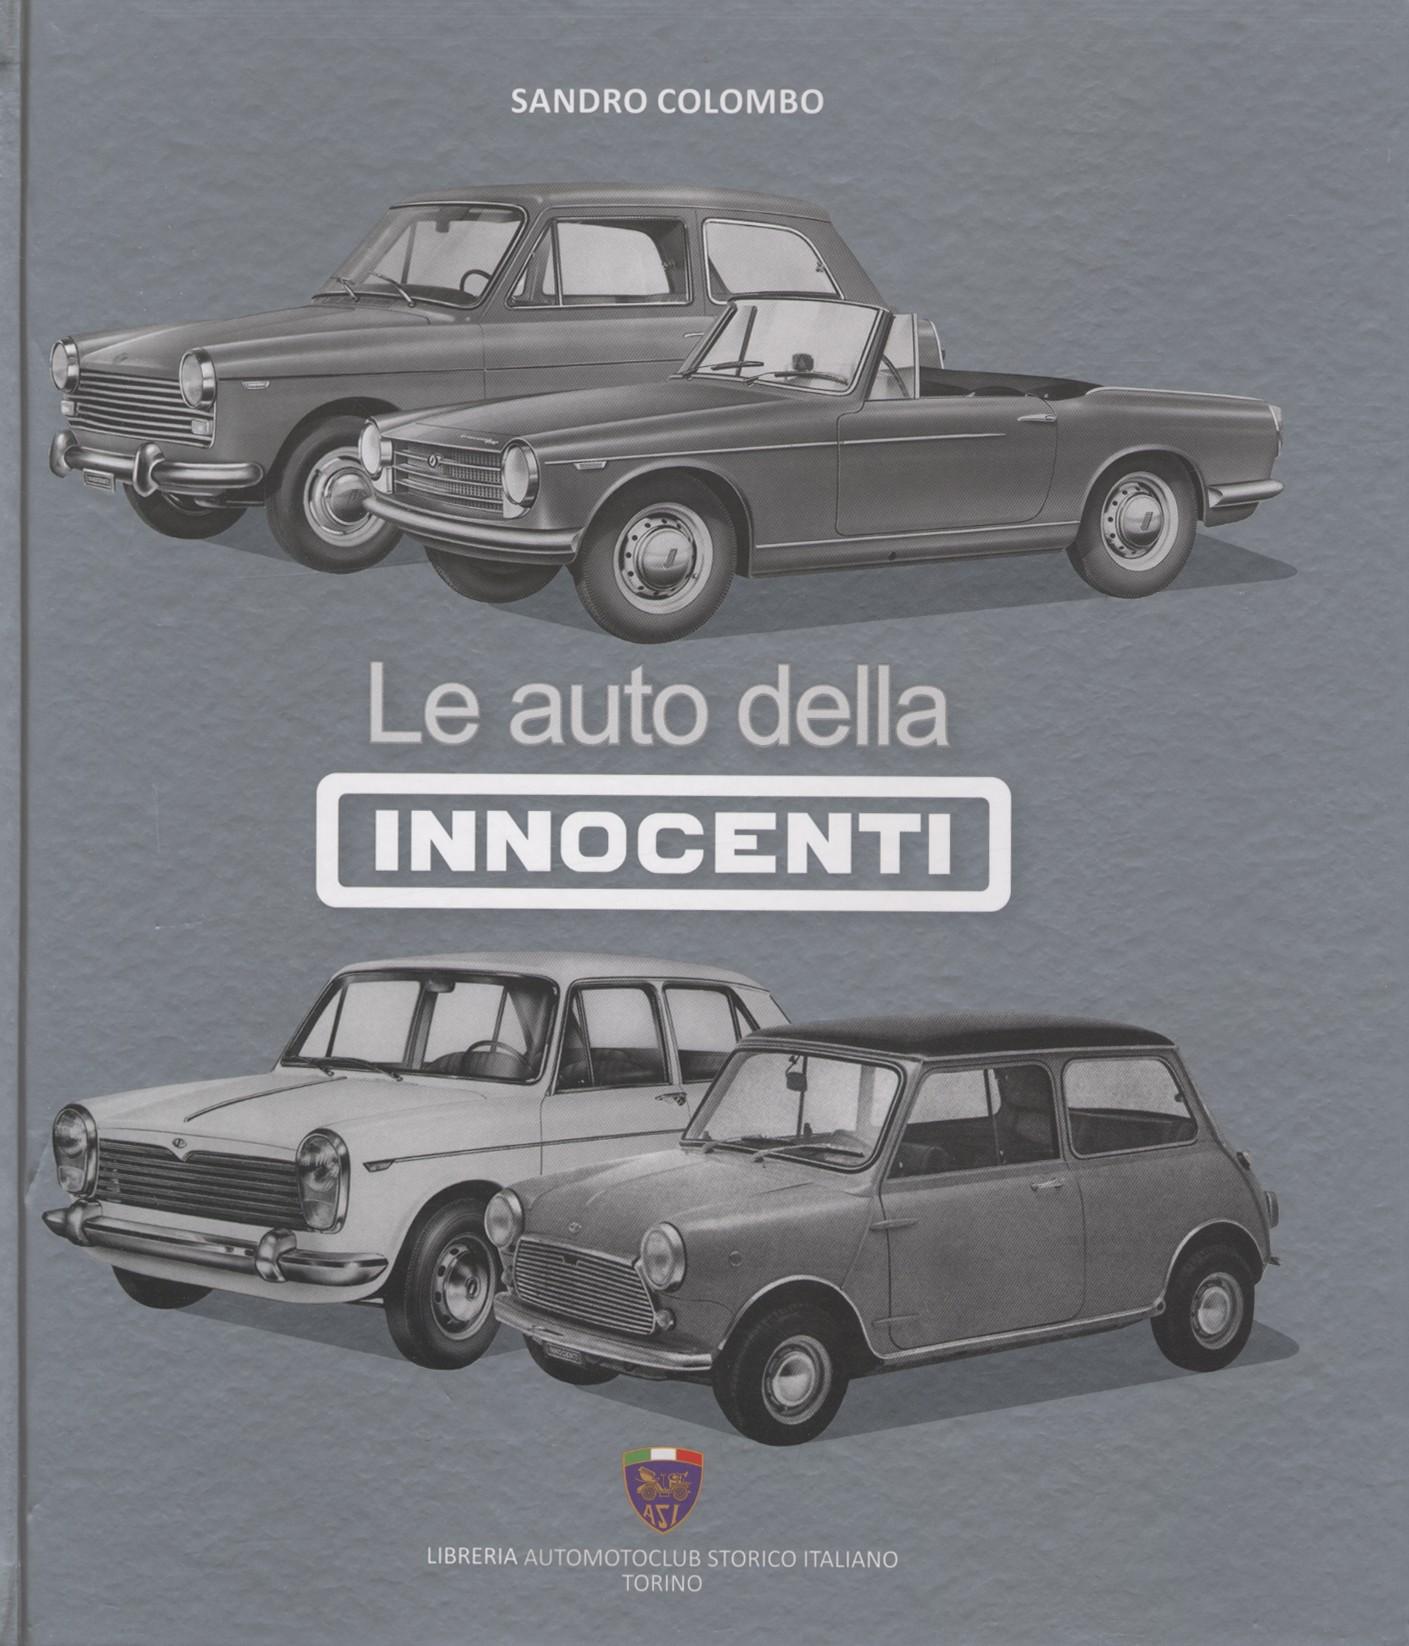 Le auto dell'Innocenti di Sandro Colombo: immancabile per  gli appasionati della marca.